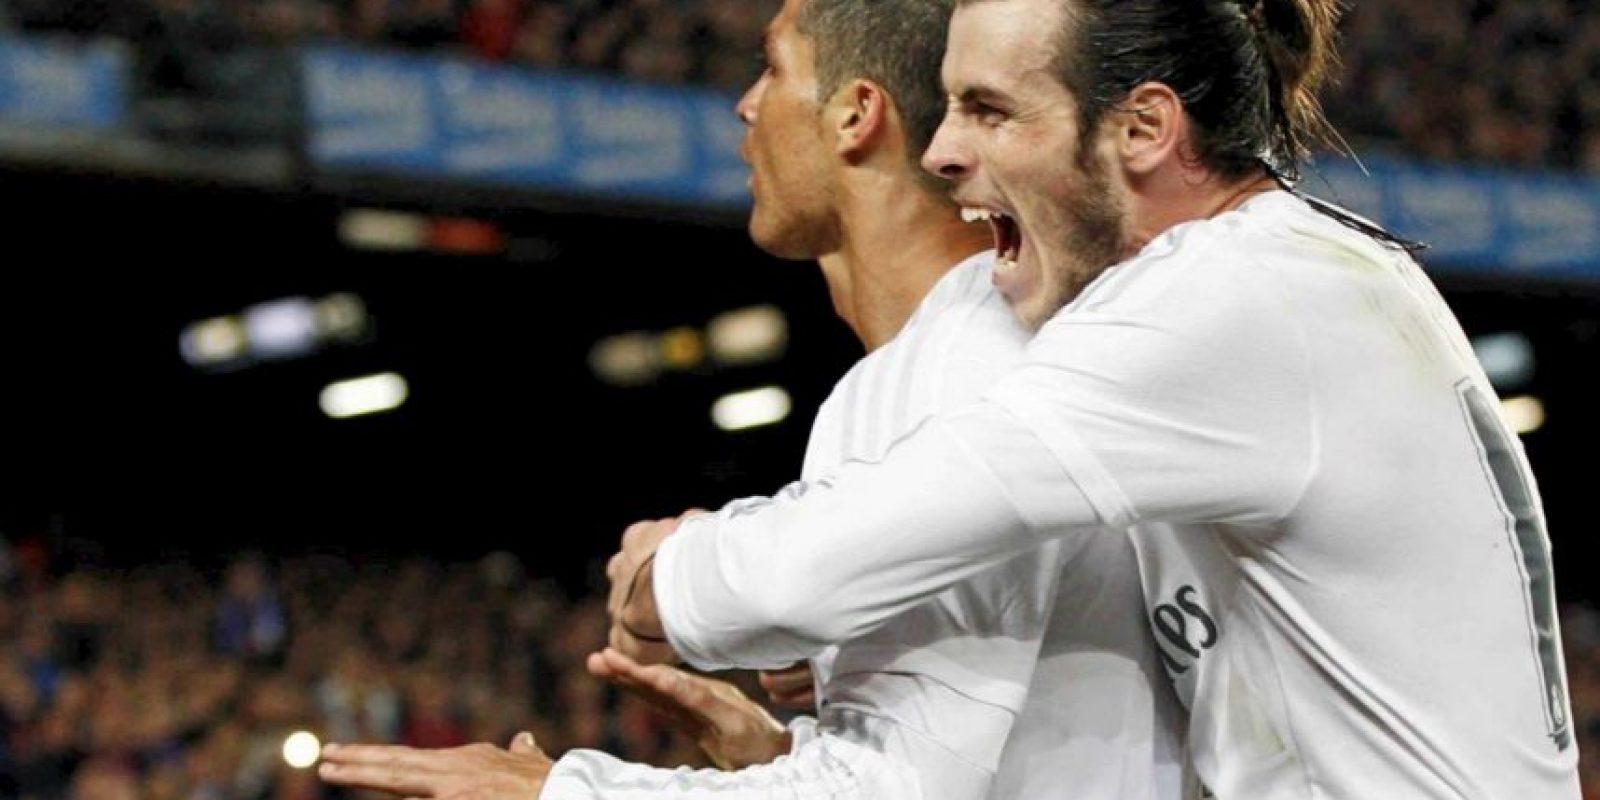 """El triunfo fue tan bien recibido en el seno merengue, que se dio esta """"cariñosa"""" postal entre Bale y """"CR7"""". Foto:Vía facebook.com/RealMadrid"""